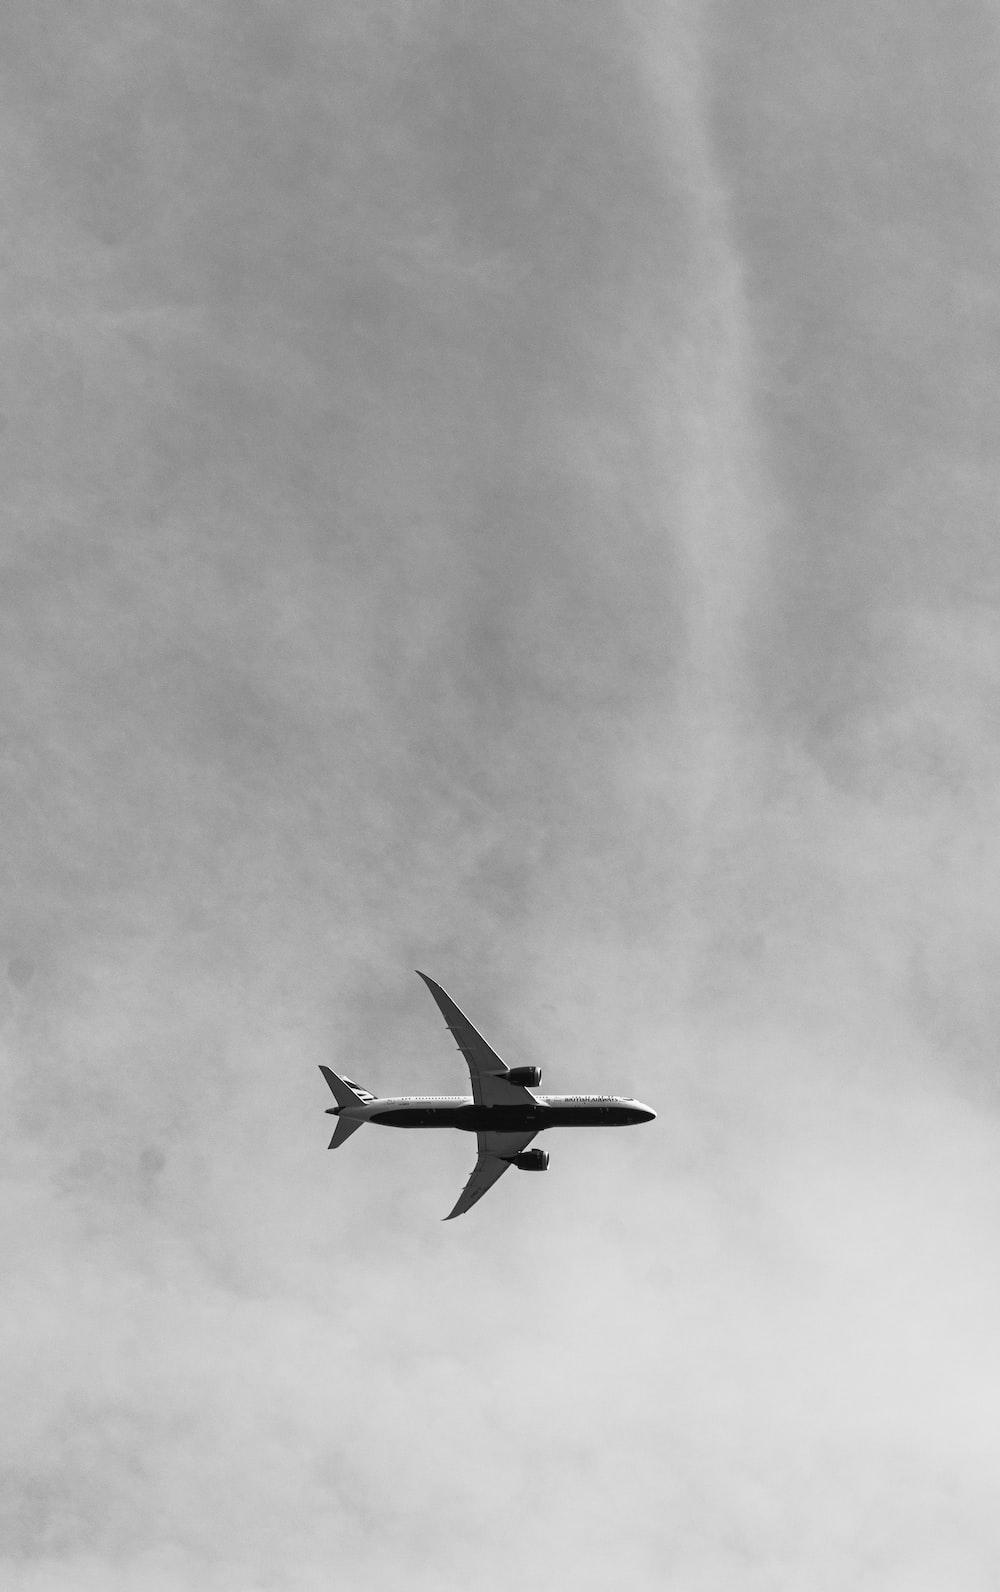 white airliner on sky